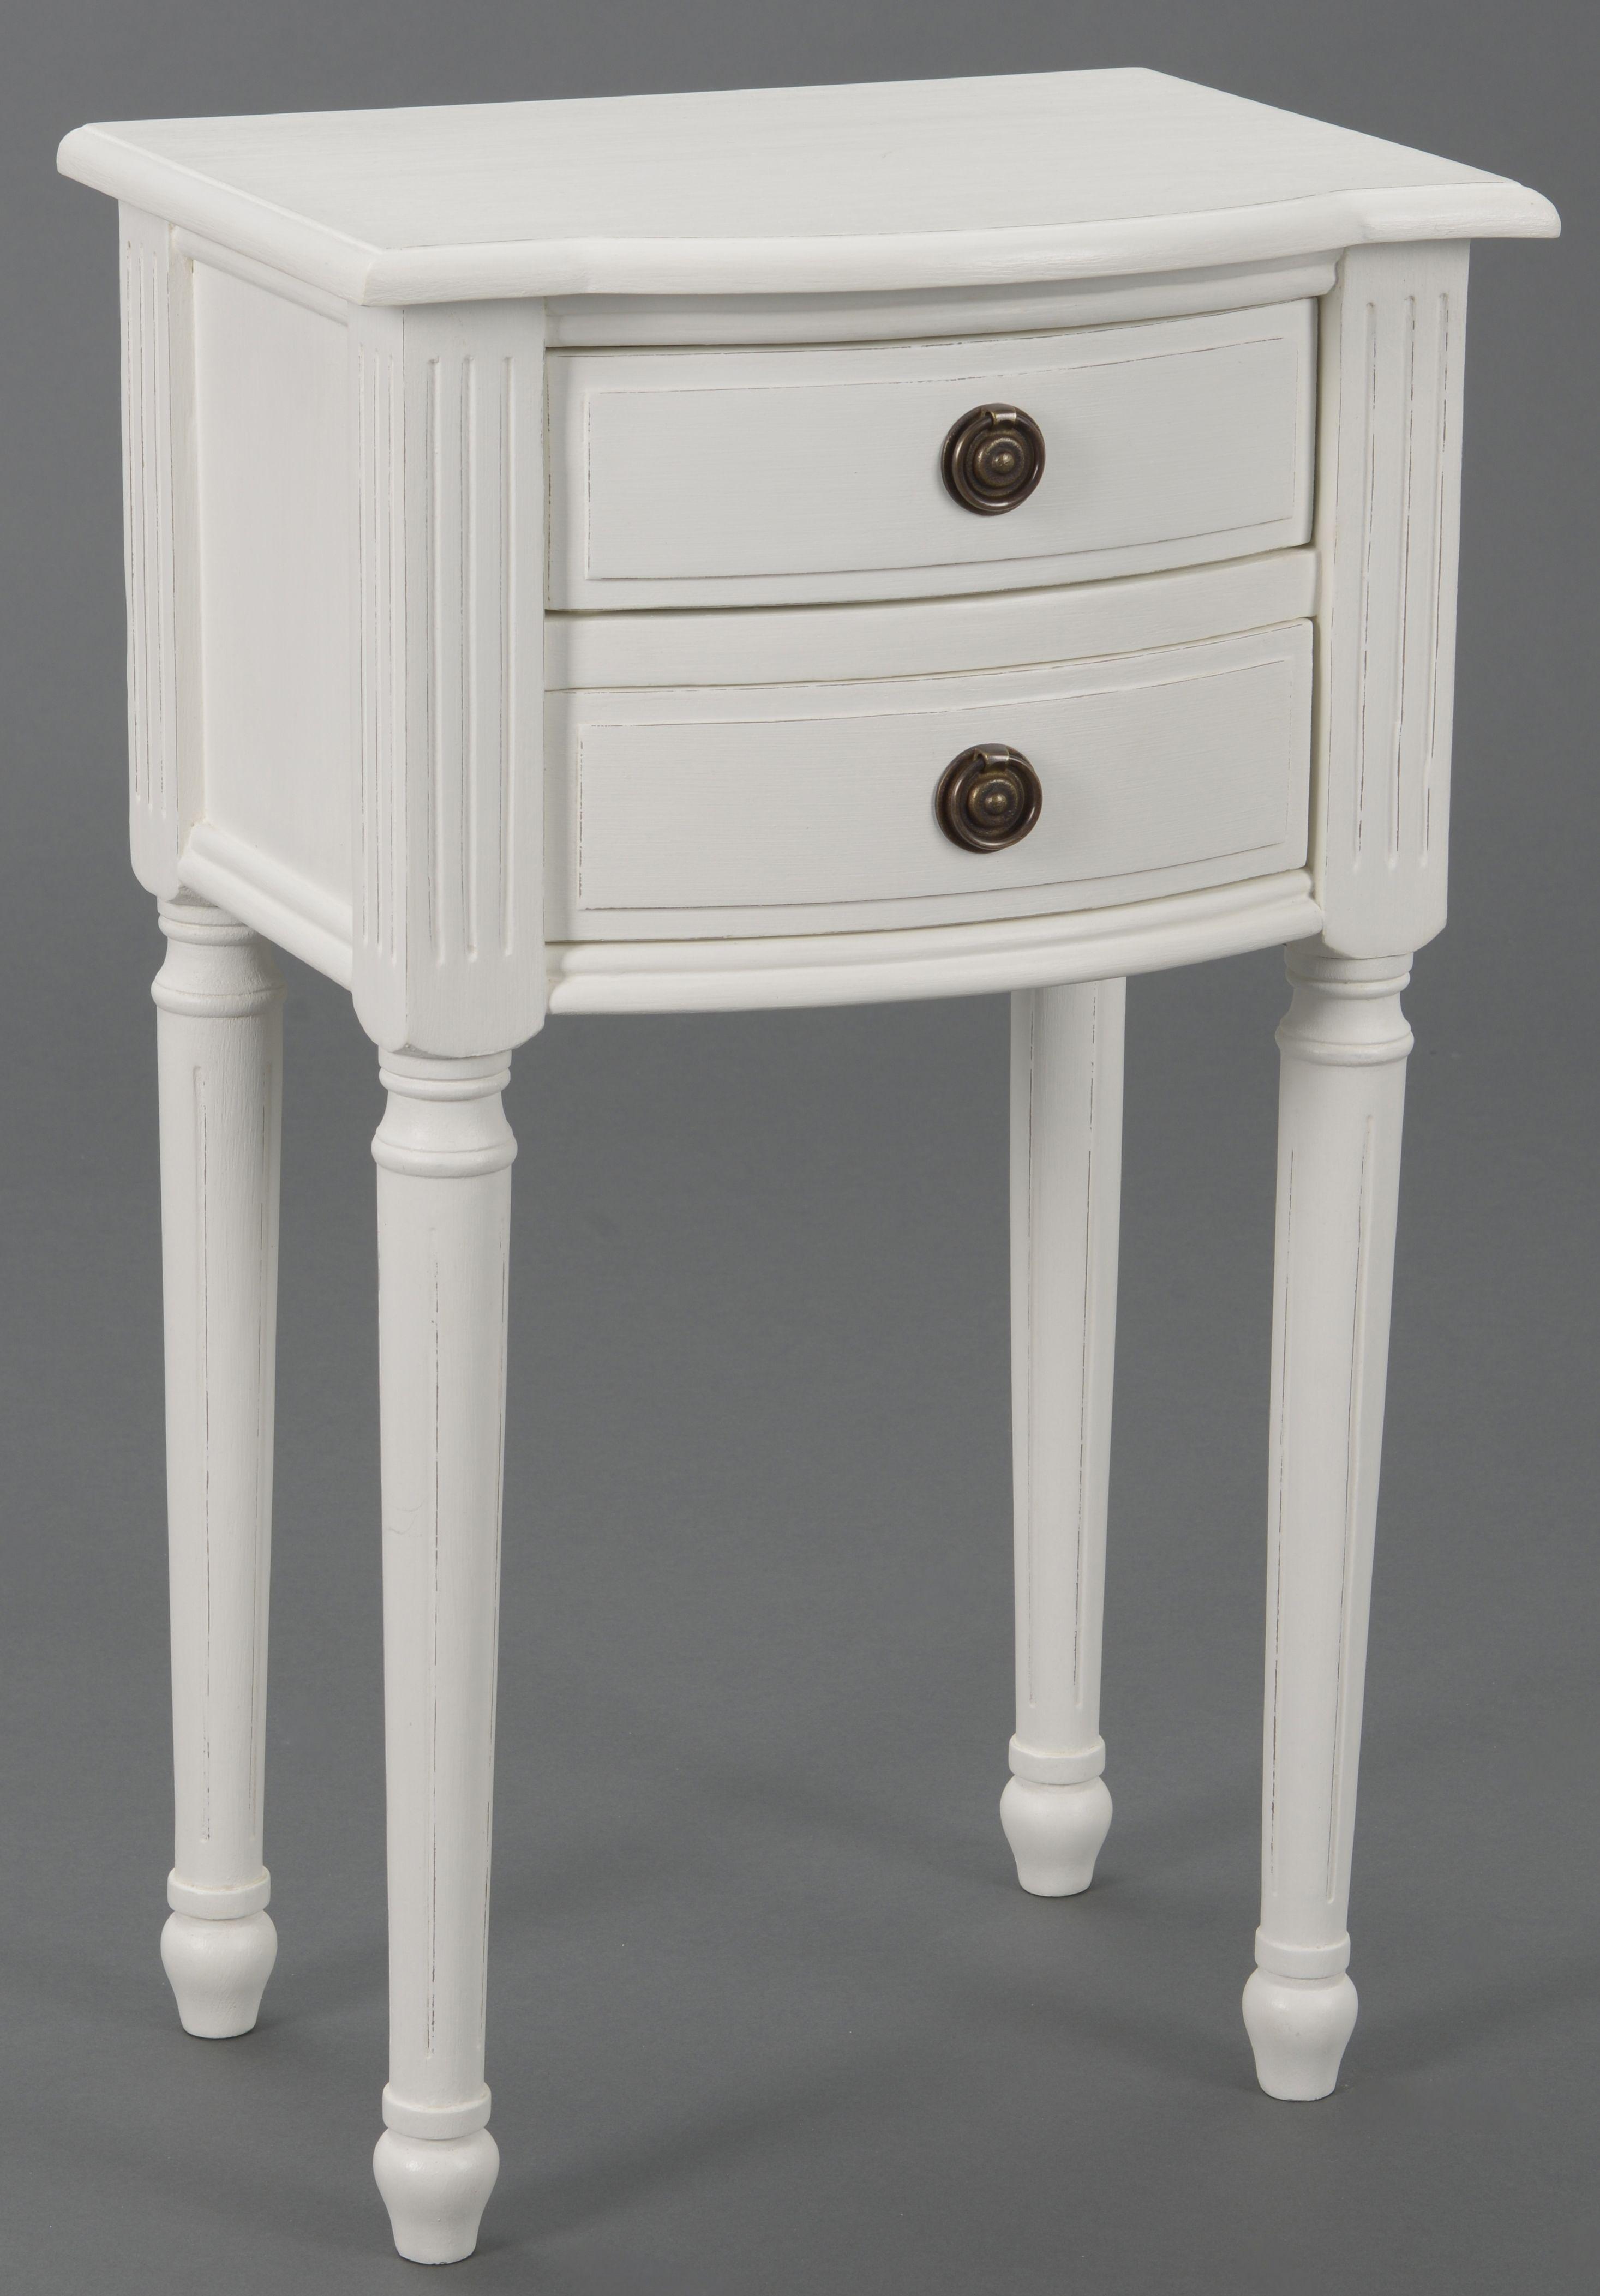 Table De Chevet Classique Chic 2 Tiroirs Agathe L 40 X P 30 X H 65 Blanc Antique Amadeus Infos Et Dimensions Longueur 40 Cm Furniture Home Decor Nightstand